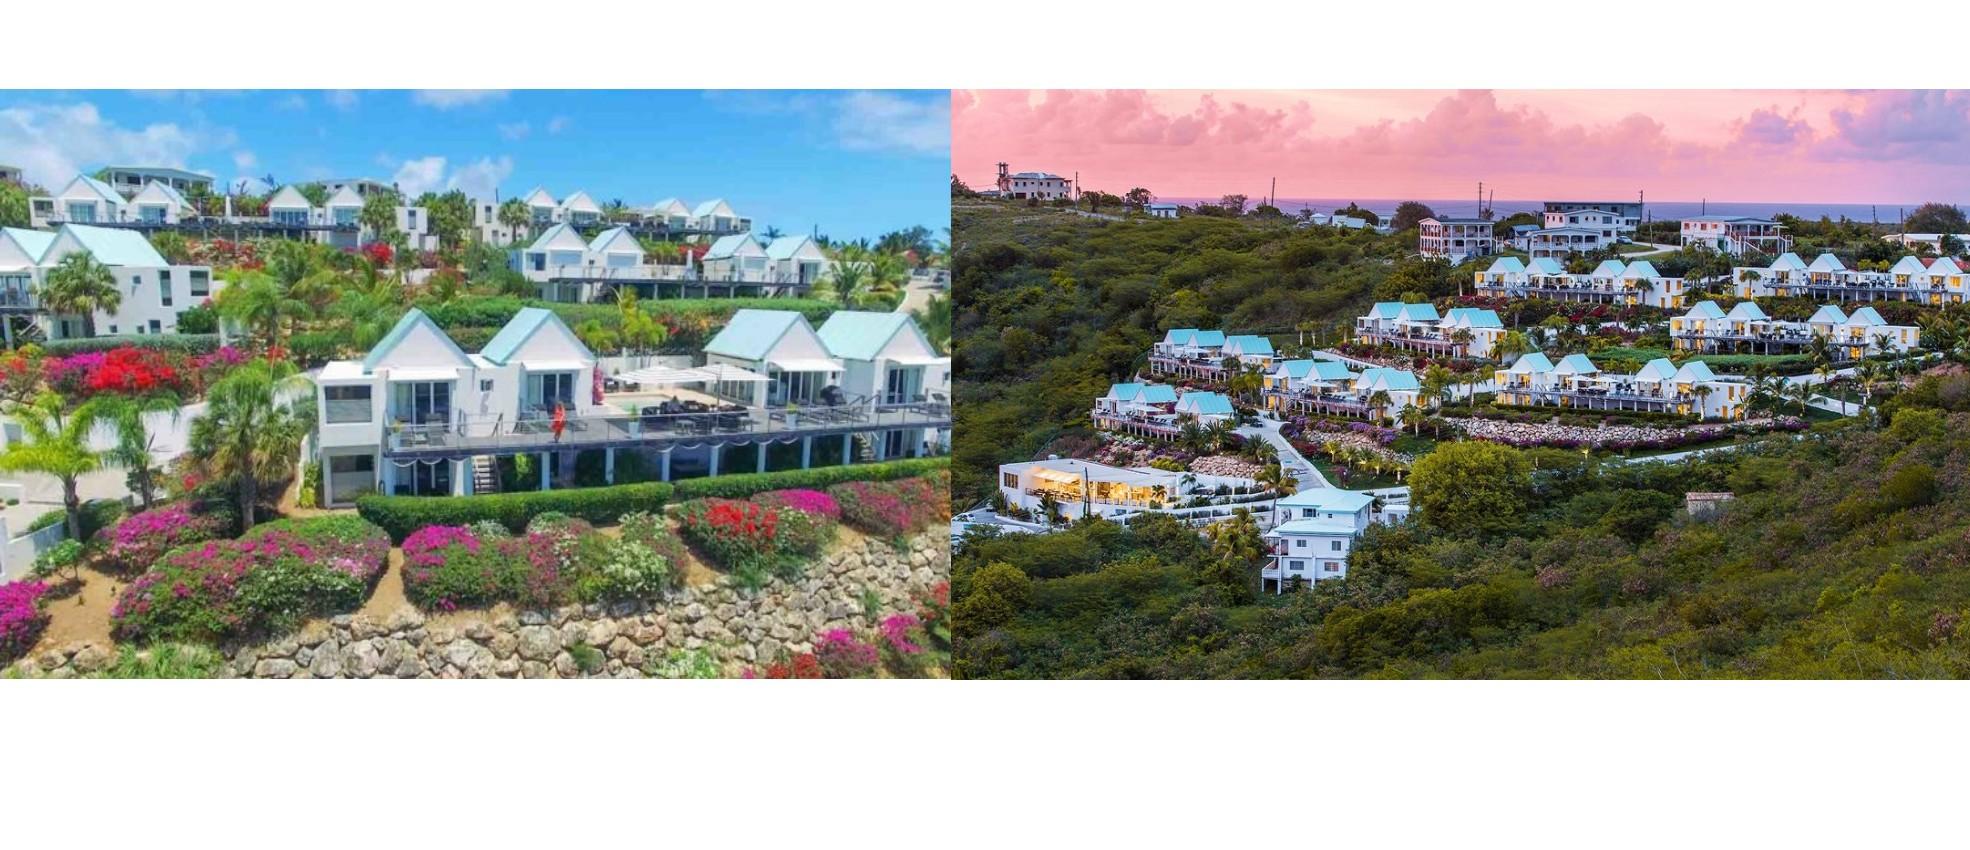 Anguilla Villas & Beach Resort for Sale